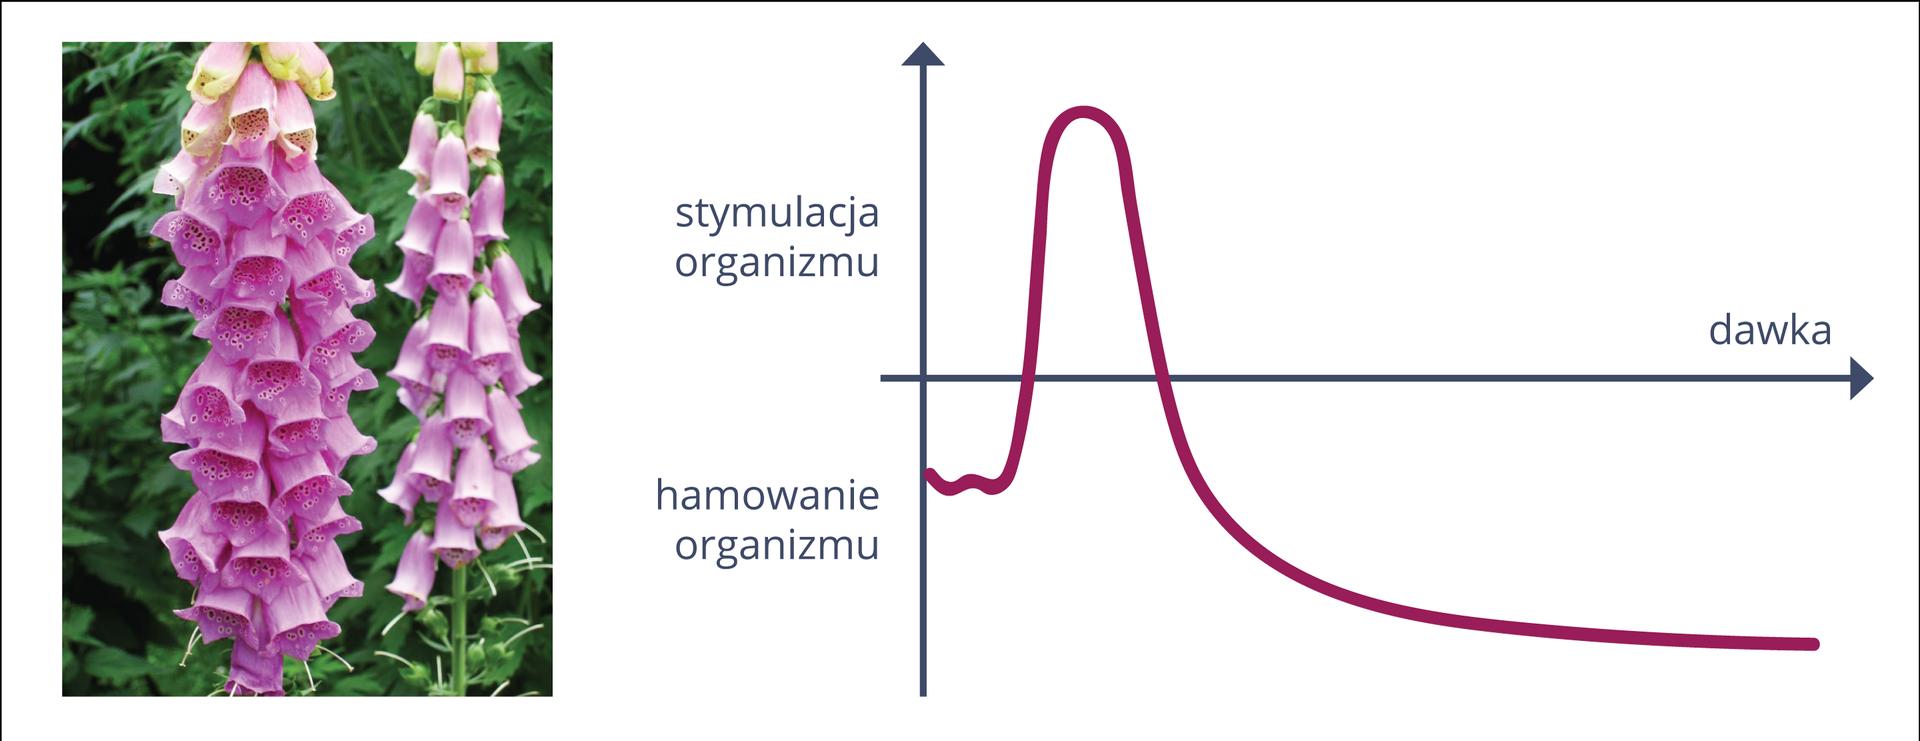 Na barwnej ilustracji przedstawiono działanie substancji na organizm. Po lewej zdjęcie różowych kwiatów naparstnicy. Mają kształt dzwonków. Po prawej wykres. Na pionowej strzałce napisy: udołu hamowanie organizmu, ugóry stymulacja organizmu. Oś pozioma na połowie wysokości przecina oś pionową. Na niej napis: dawka. Krzywa koloru fioletowego. Najpierw wznosi się, potem opada.